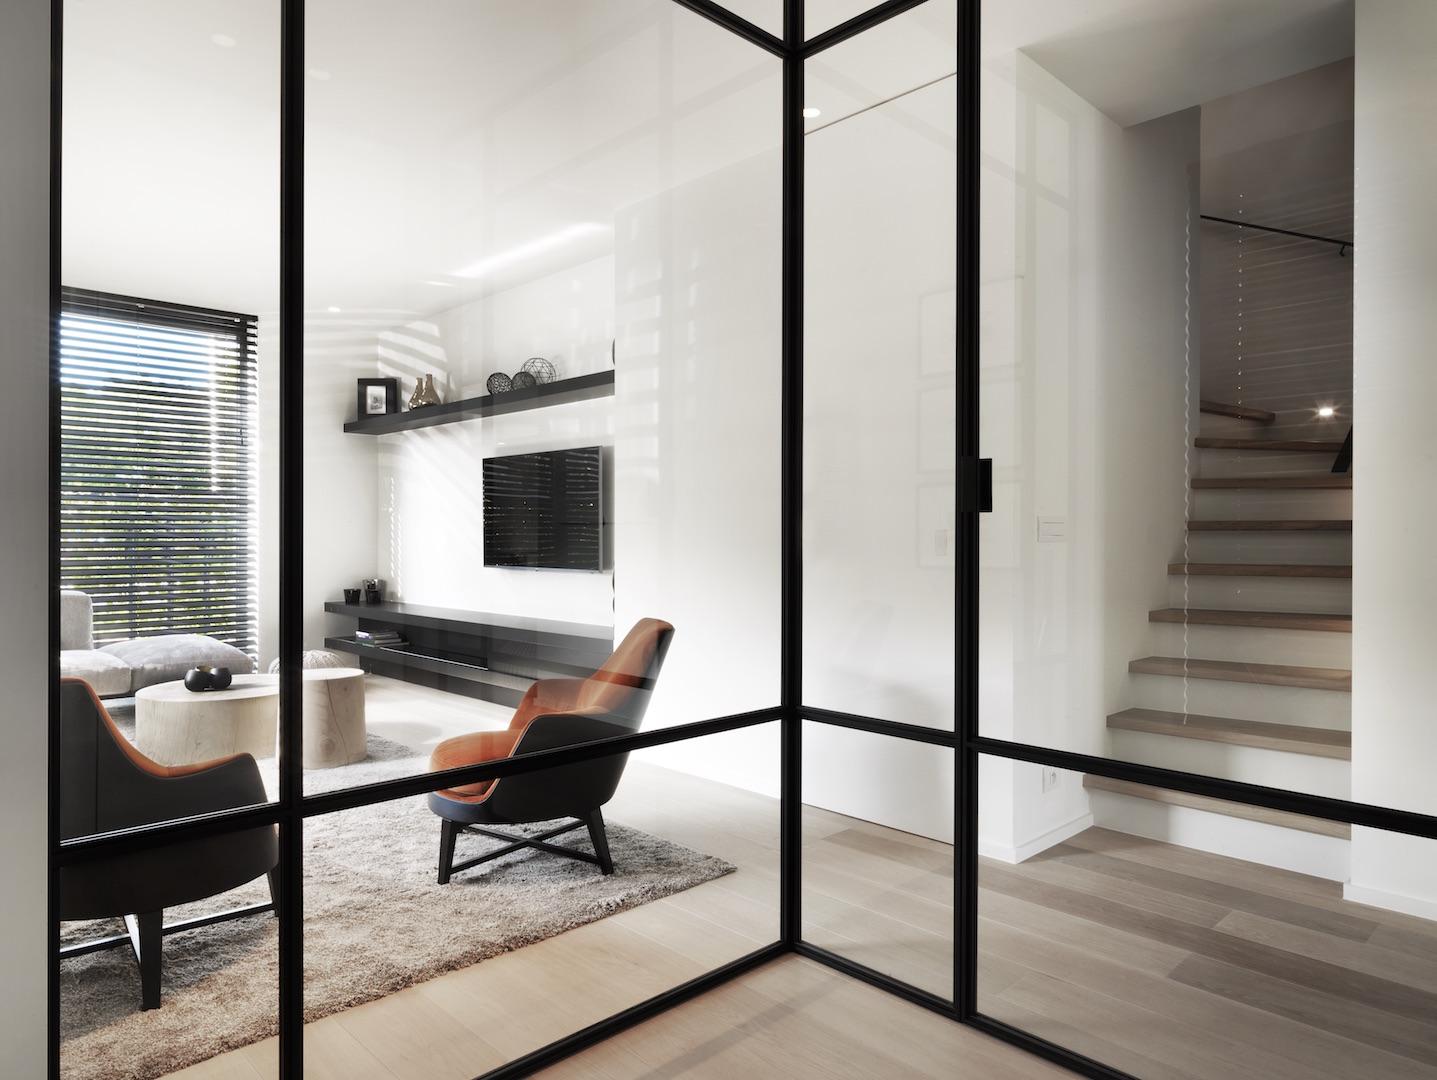 Verkoop huis t f knokke heist exclusieve gevelwoning